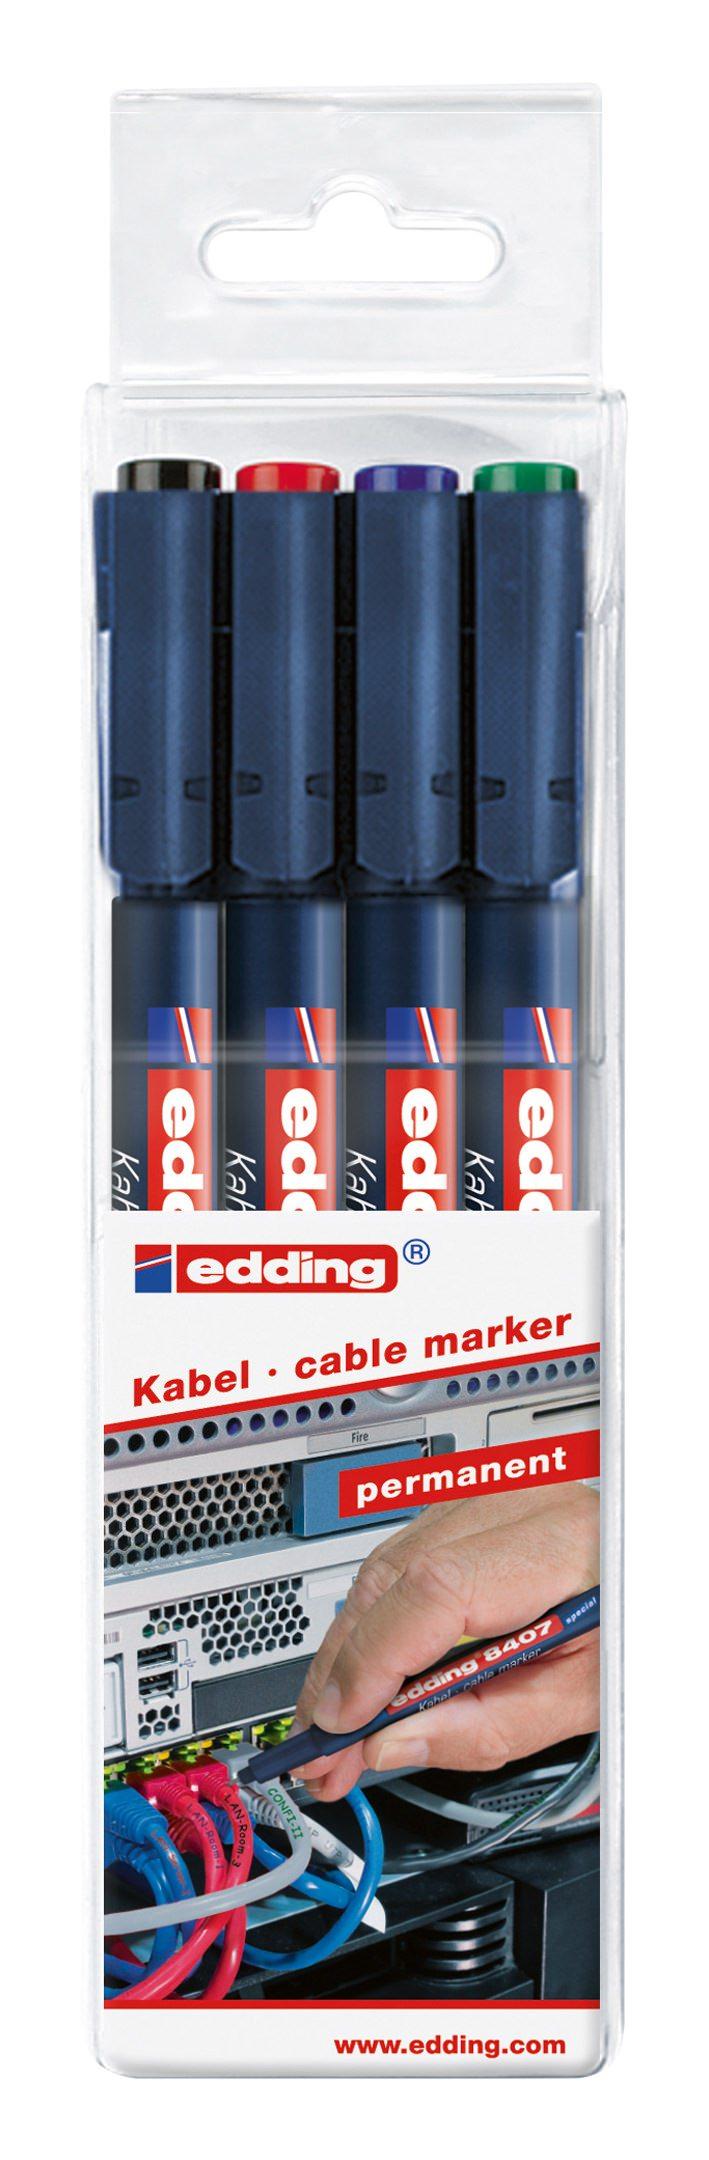 5 Stück Edding 950 Industrie Pasten Marker weiß Rundspitze ca 10mm NEU